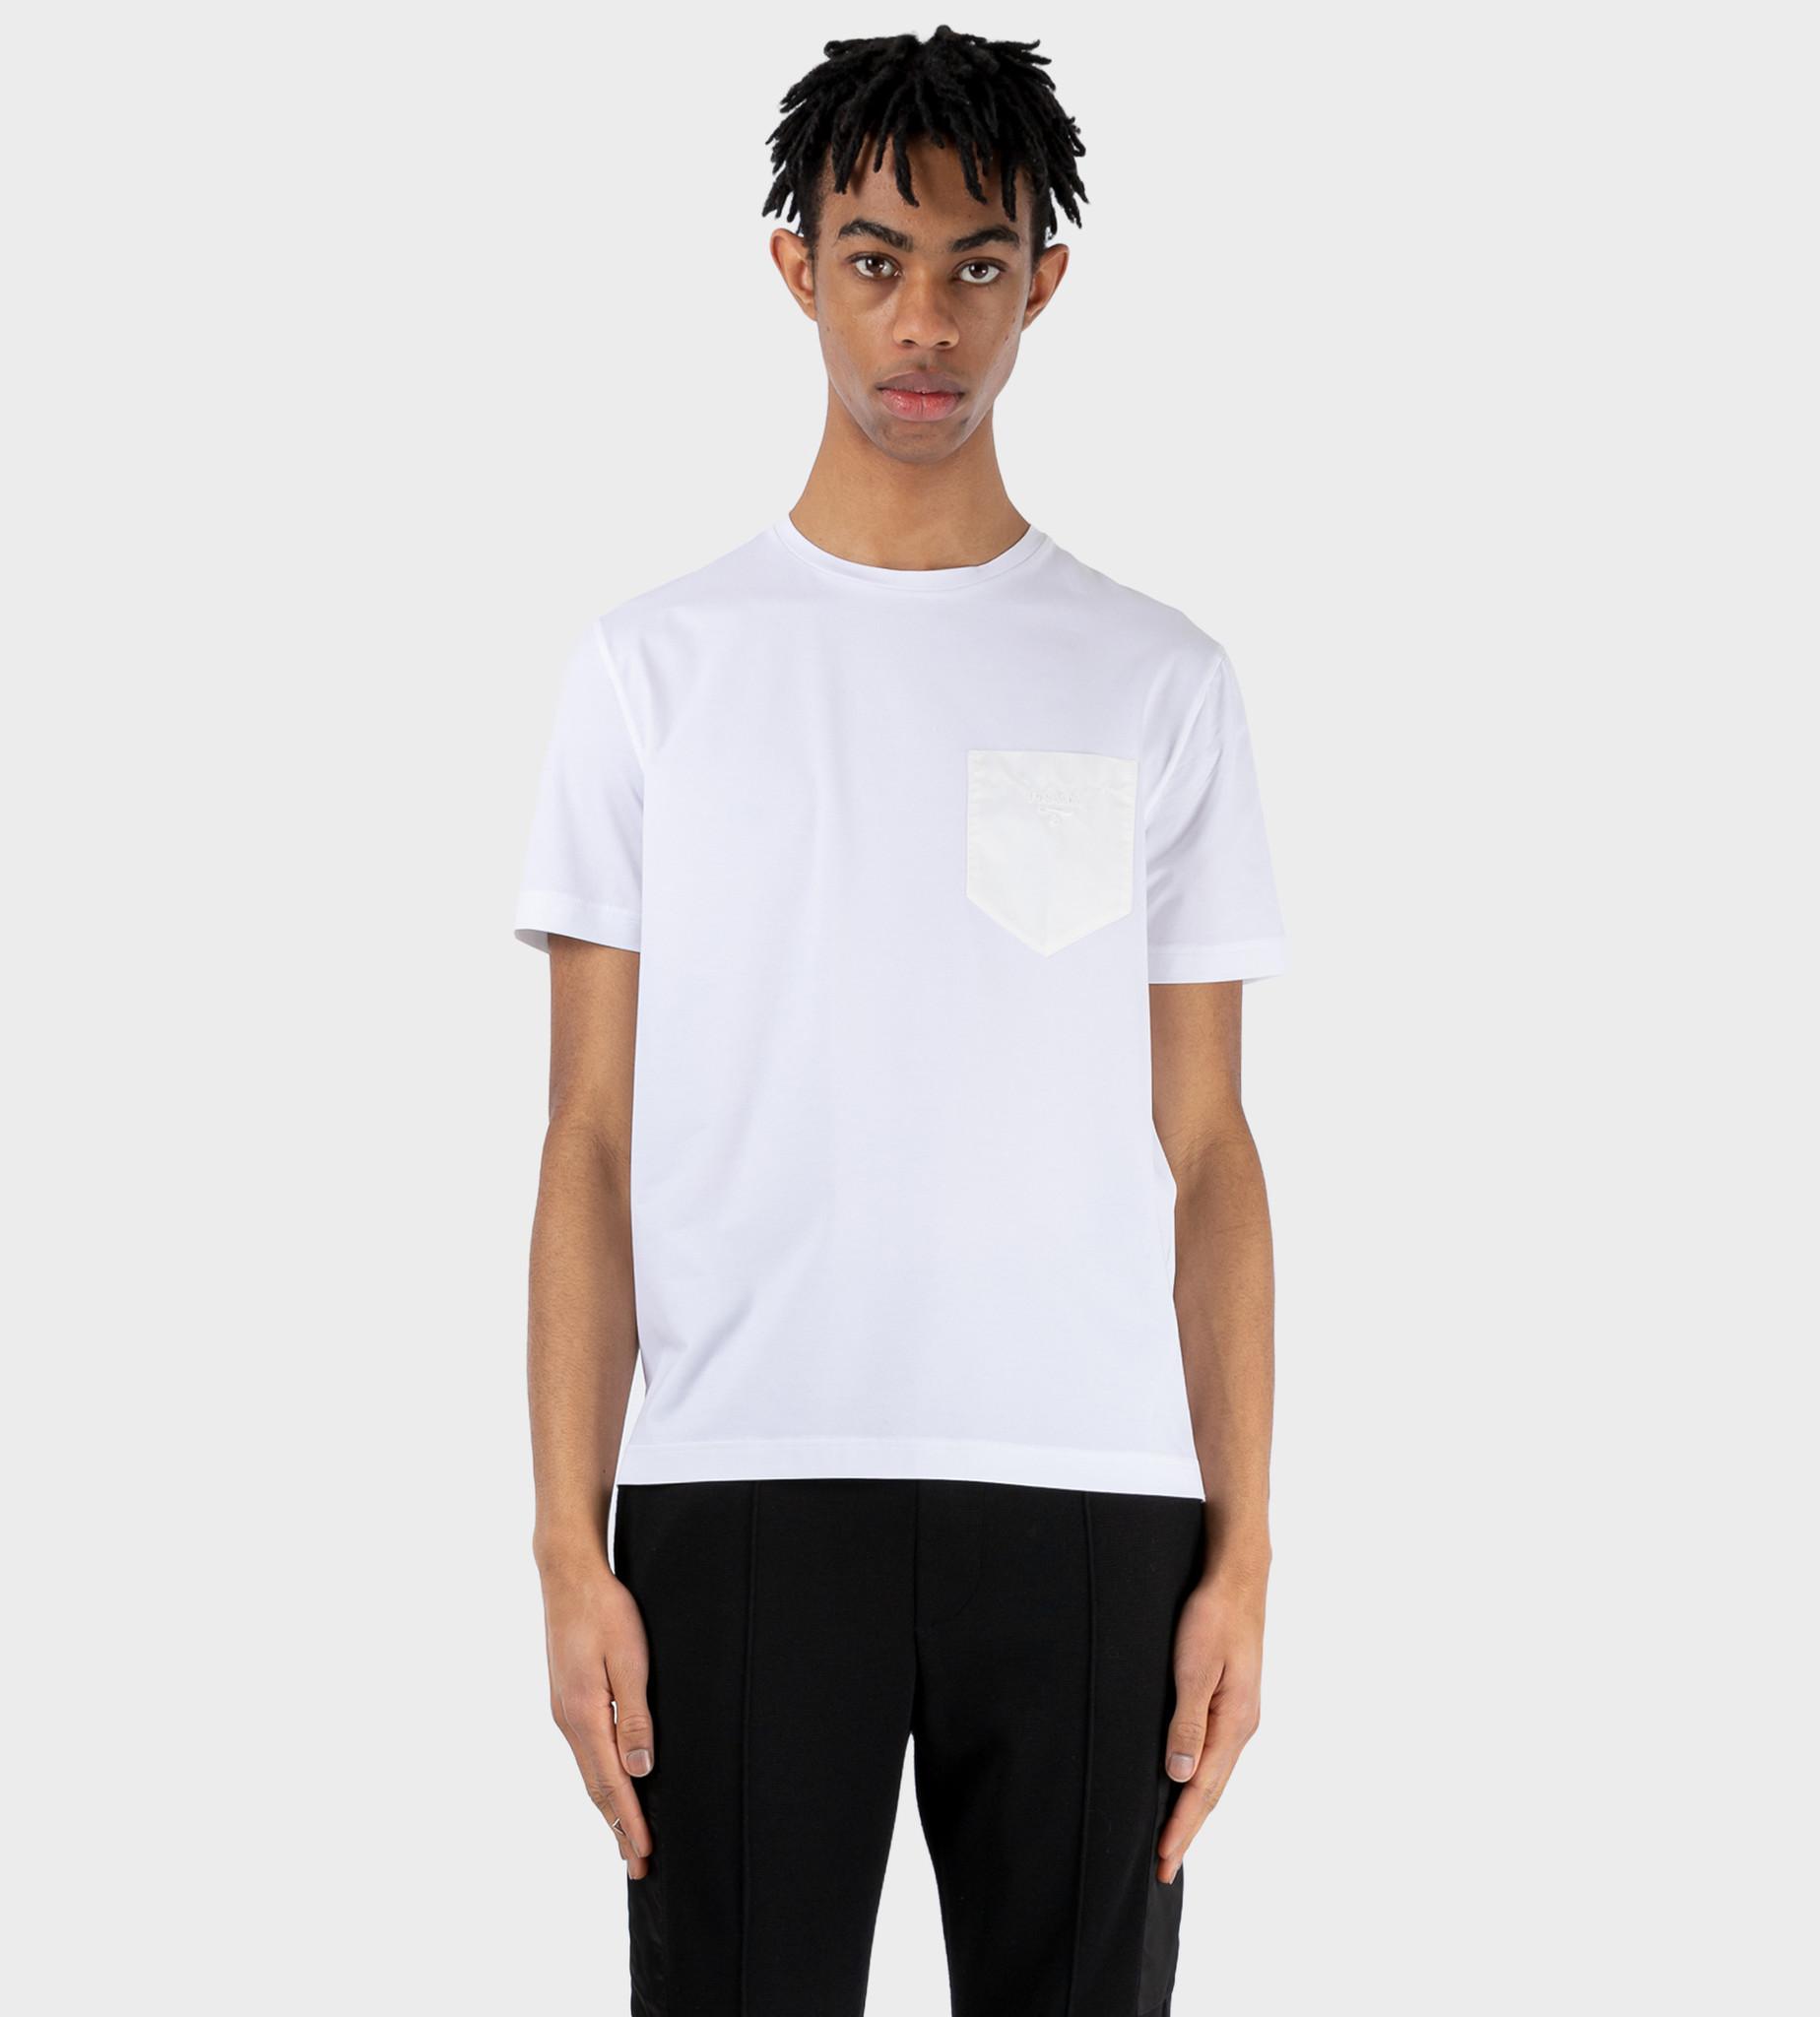 PRADA Jersey And Nylon T-shirt White